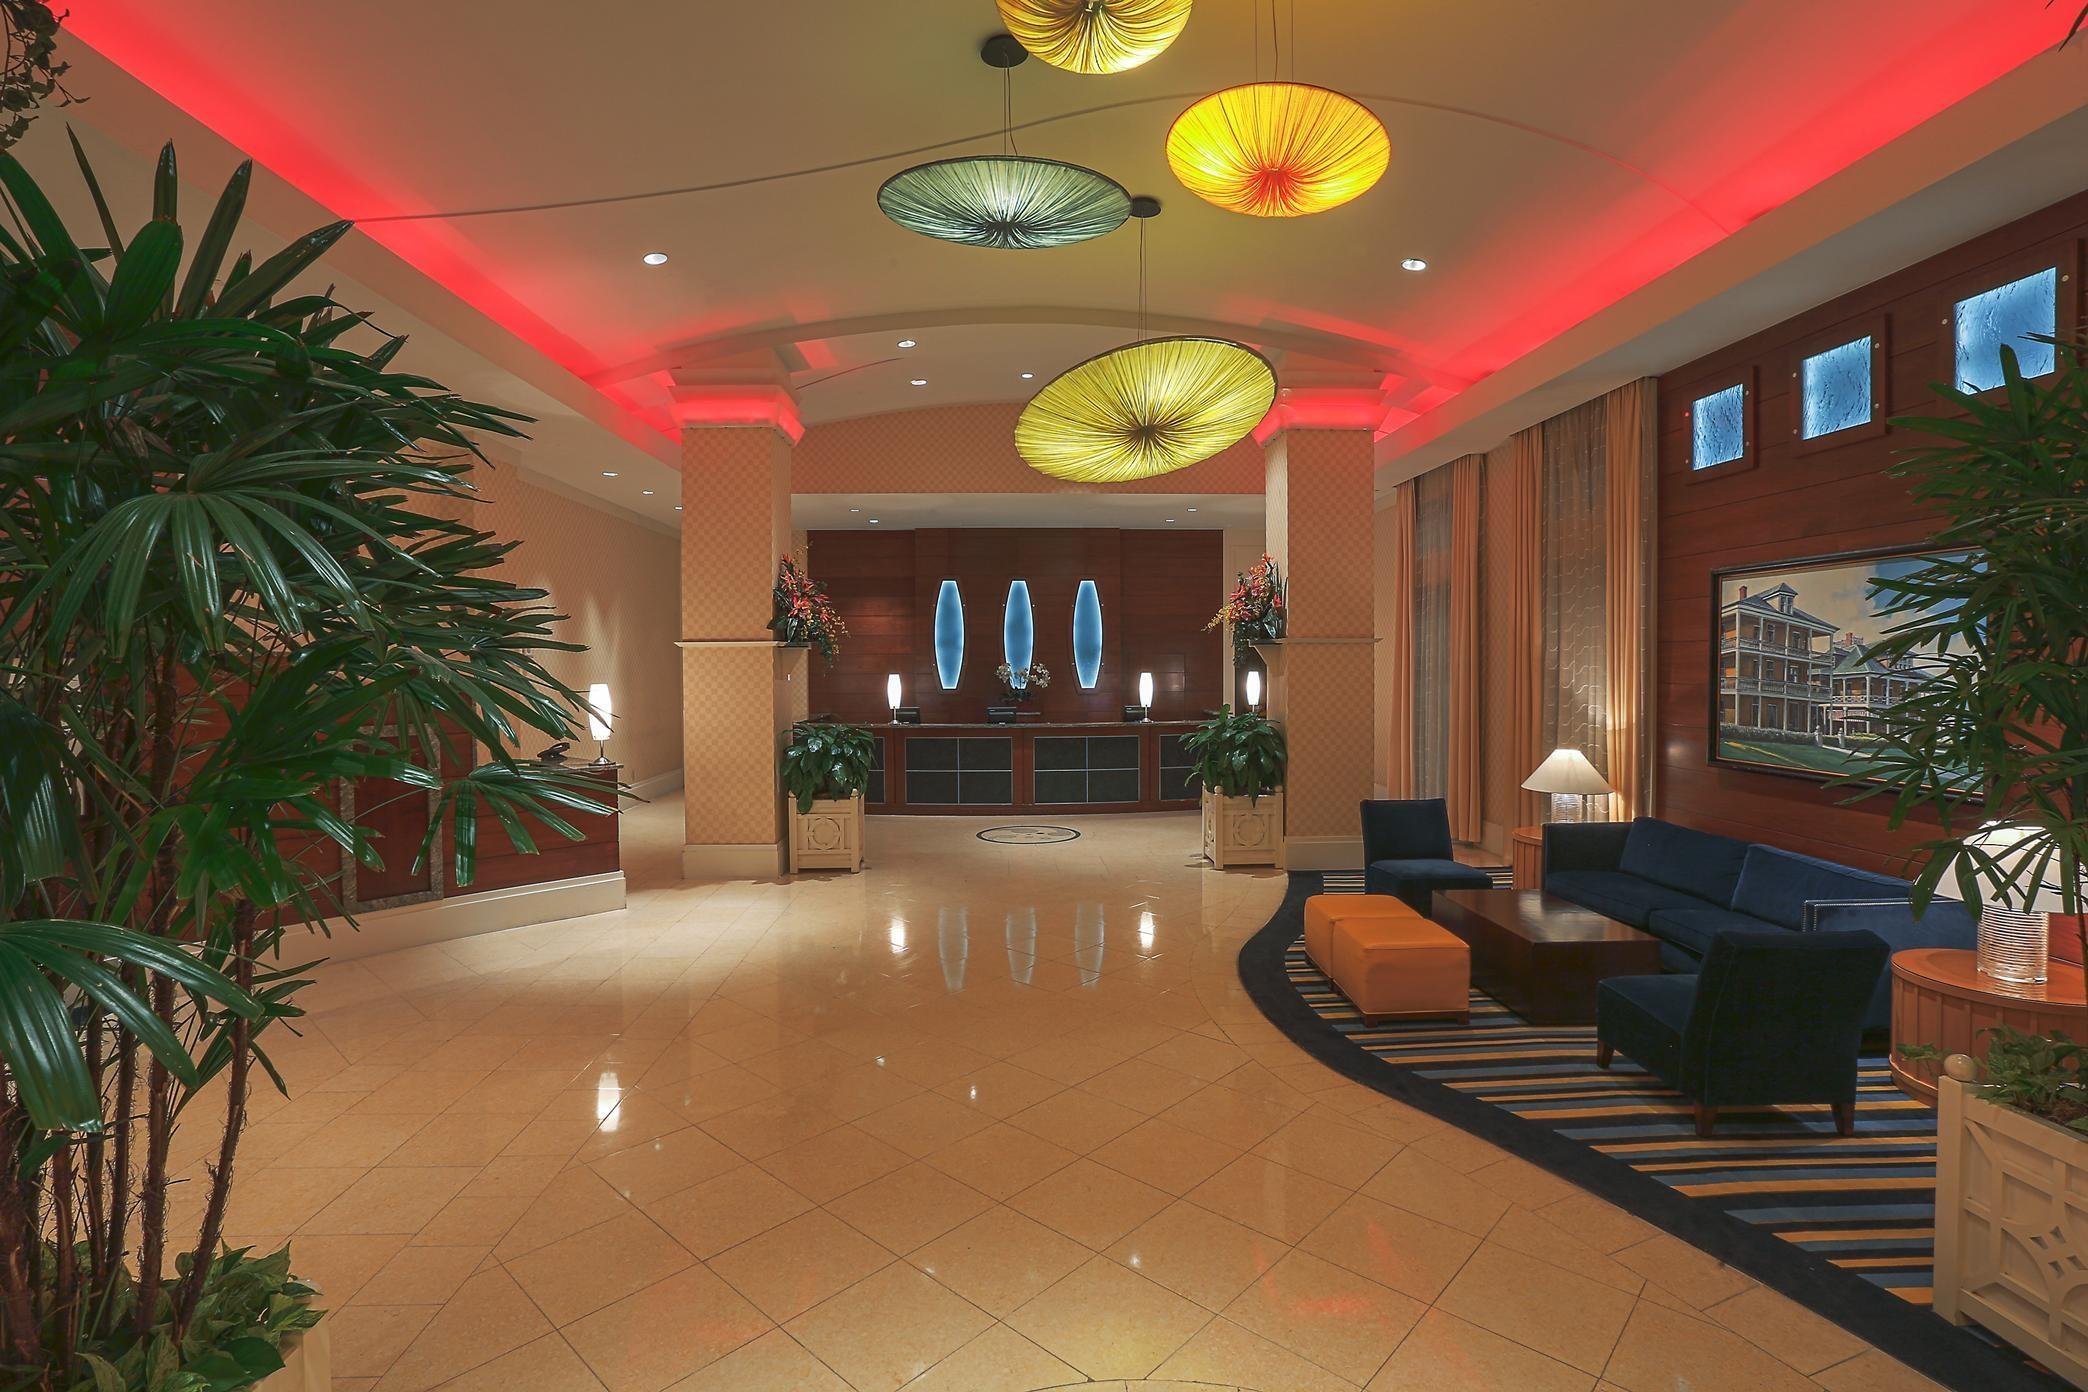 Hilton Virginia Beach Lobby